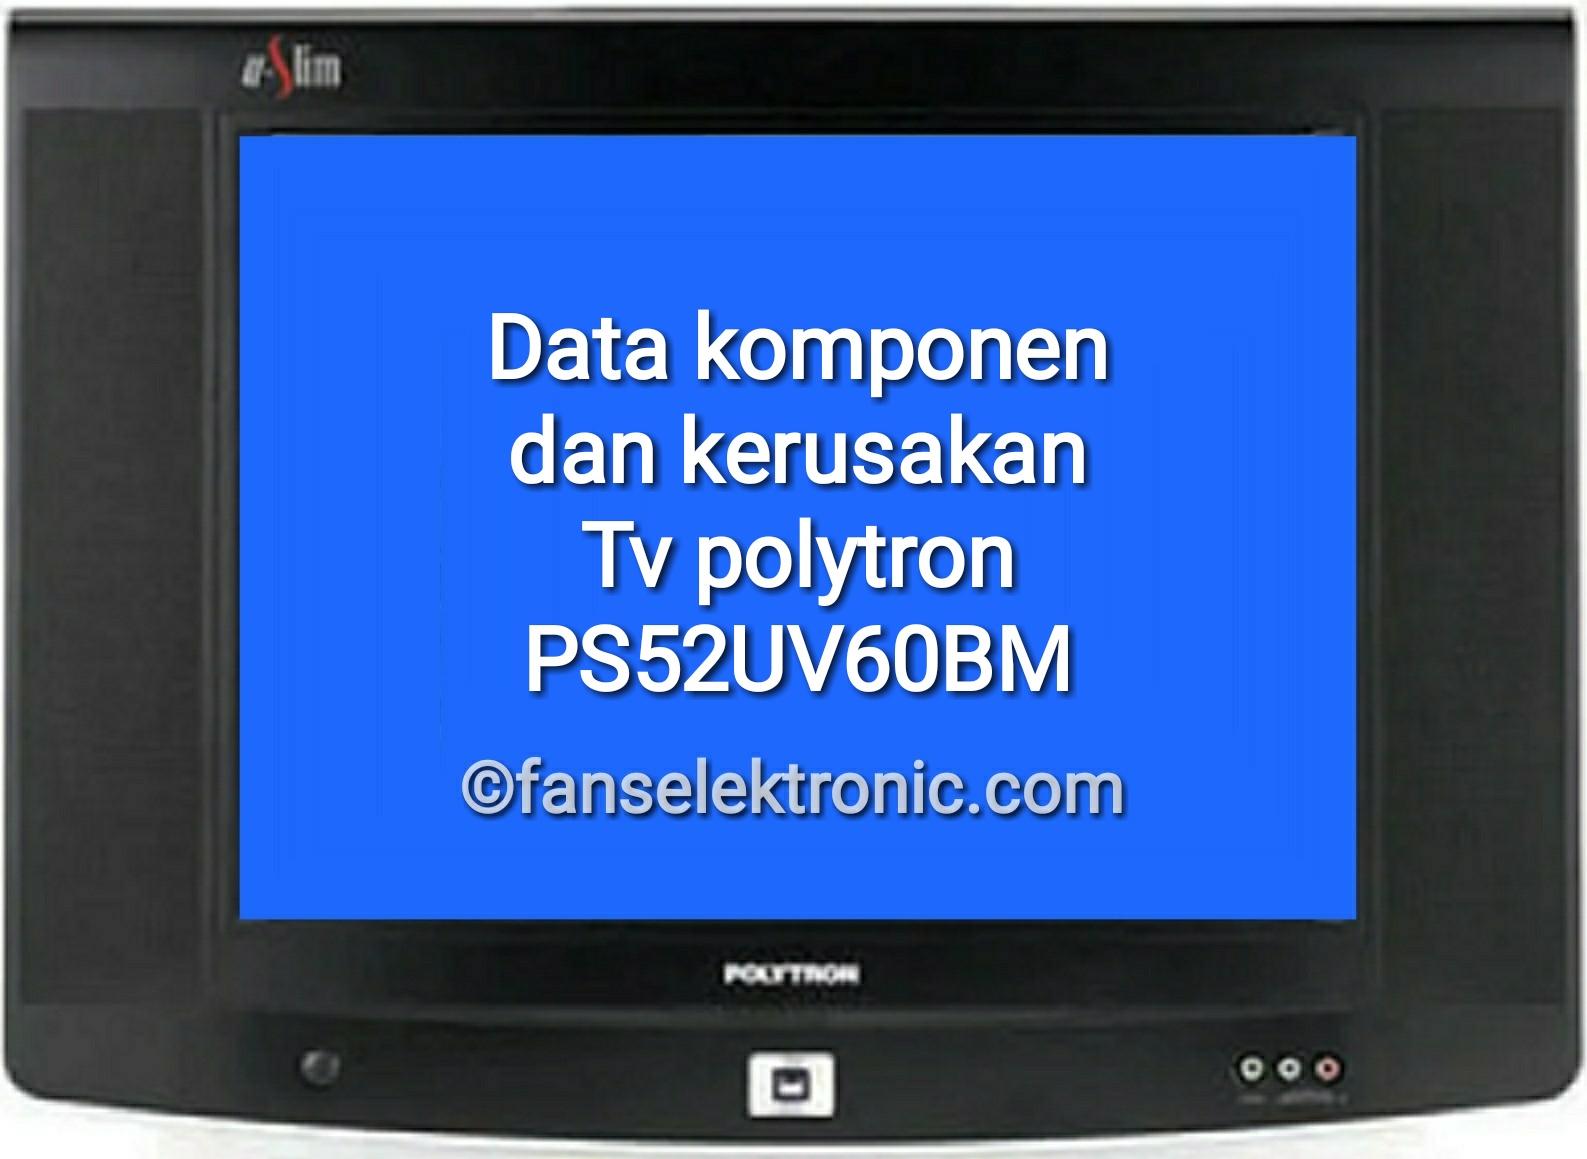 mengatasi tv polytron ps 52uv60bm rusak dan data parameter